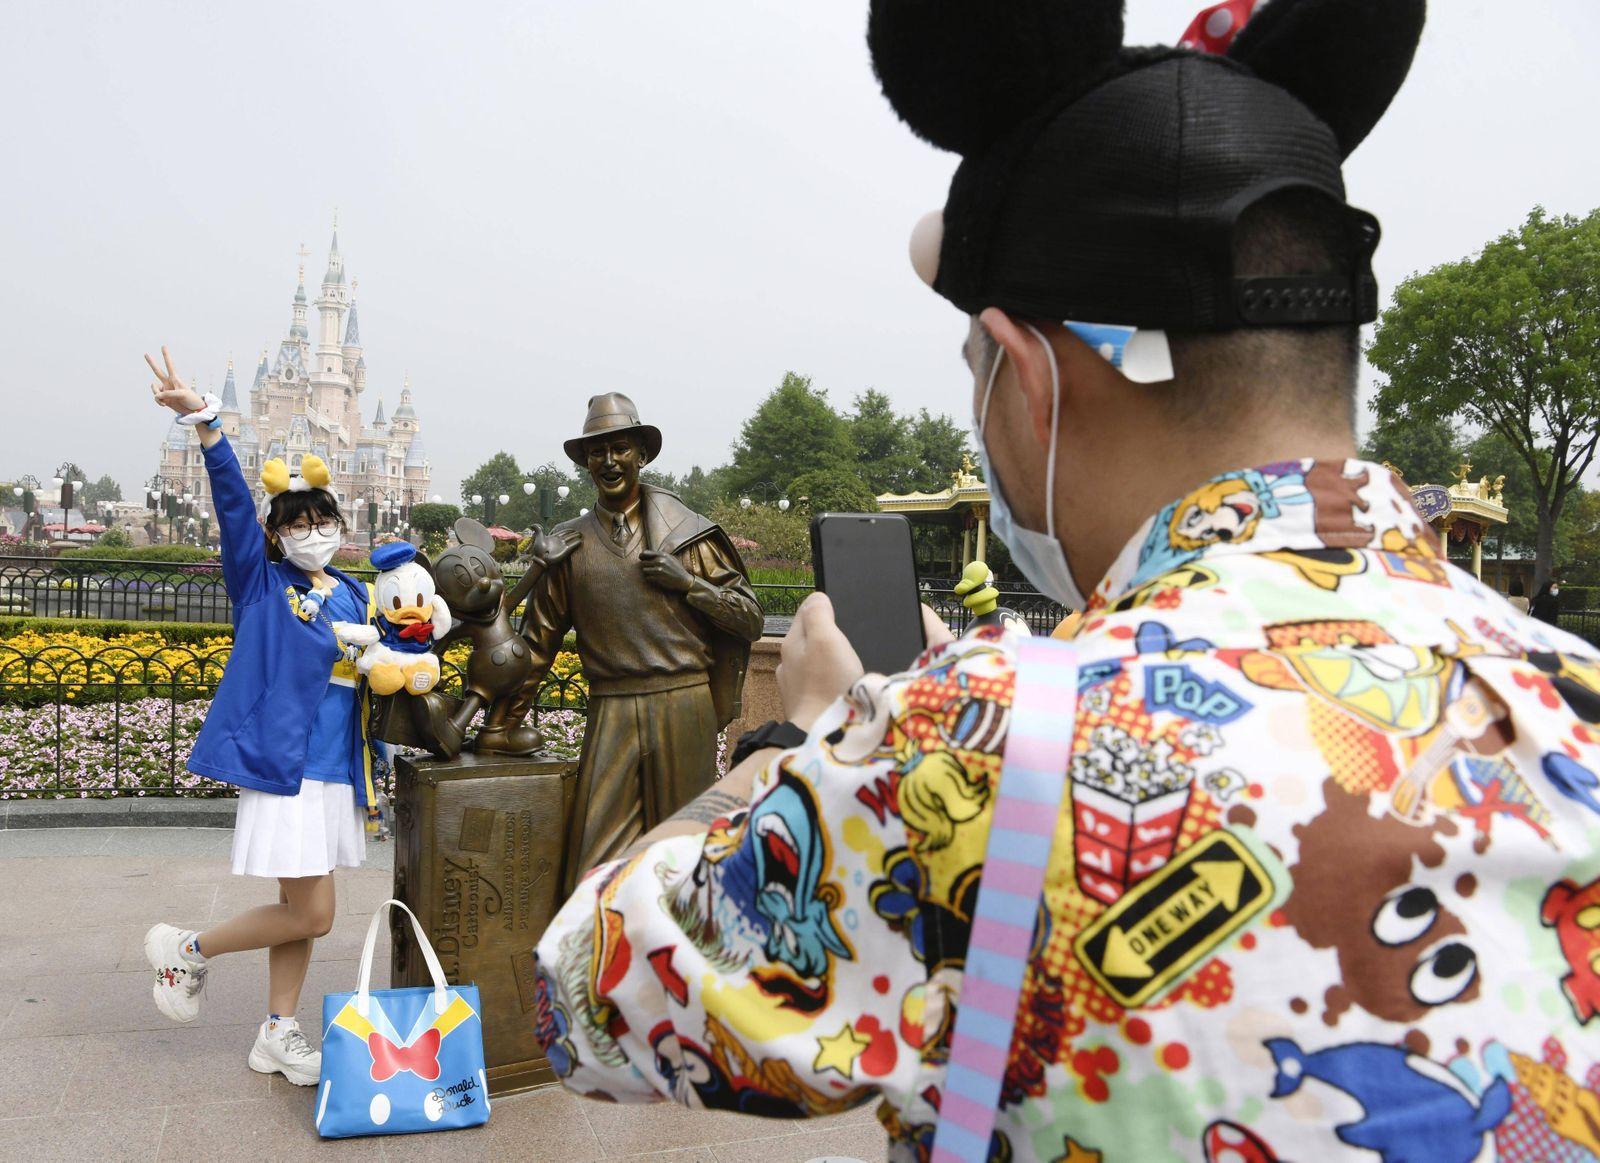 Reopening of Shanghai Disneyland People visit Shanghai Disneyland on May 11, 2020, the day it reopened amid signs of im